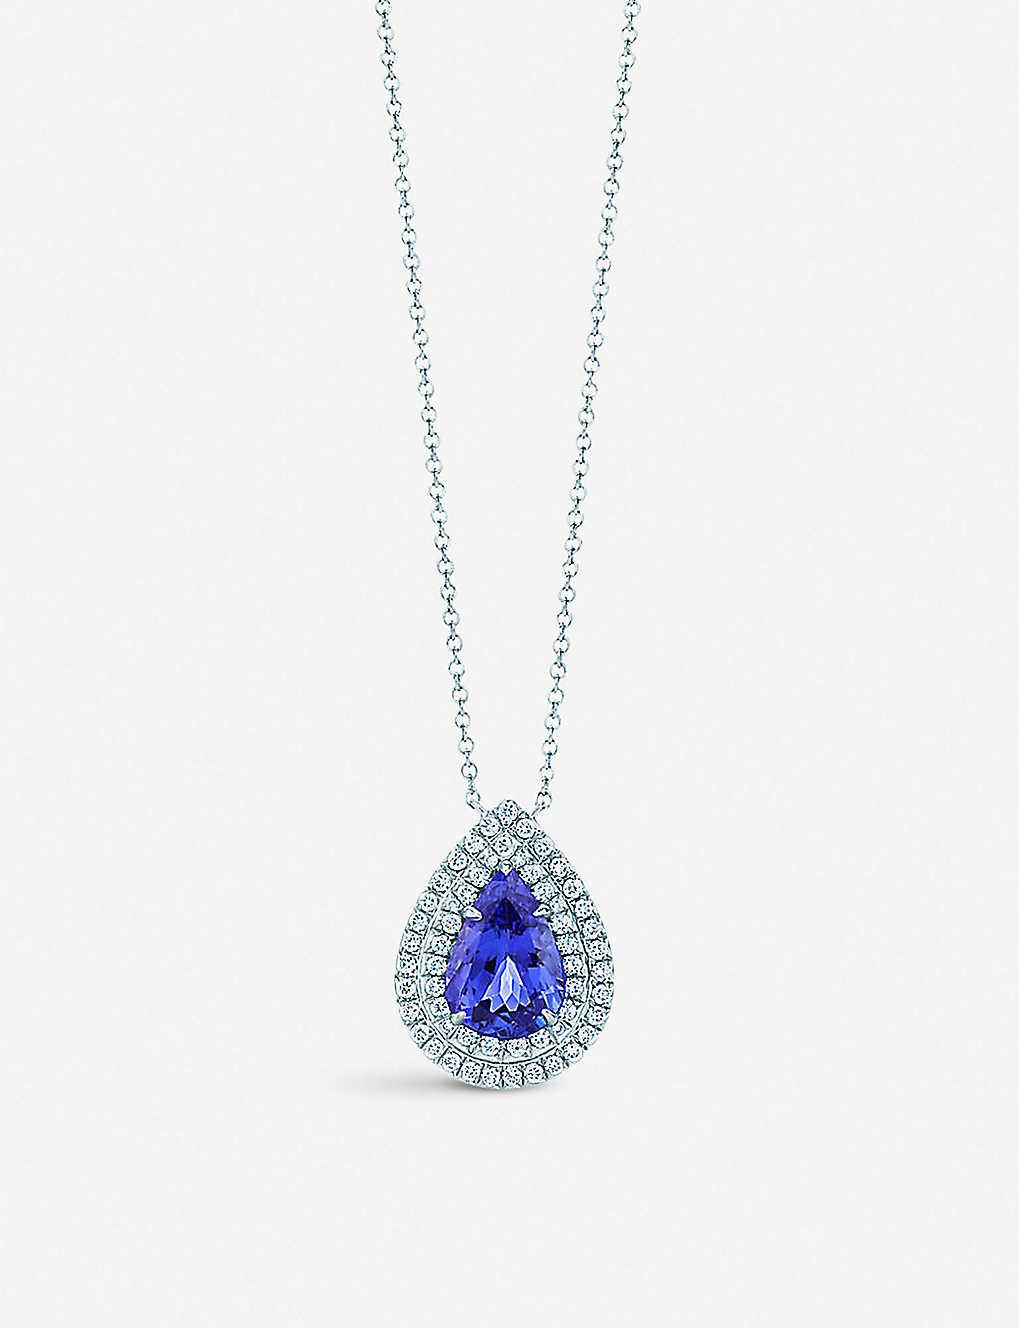 96583491c TIFFANY & CO Tiffany Soleste pendant in platinum with diamonds and a  tanzanite